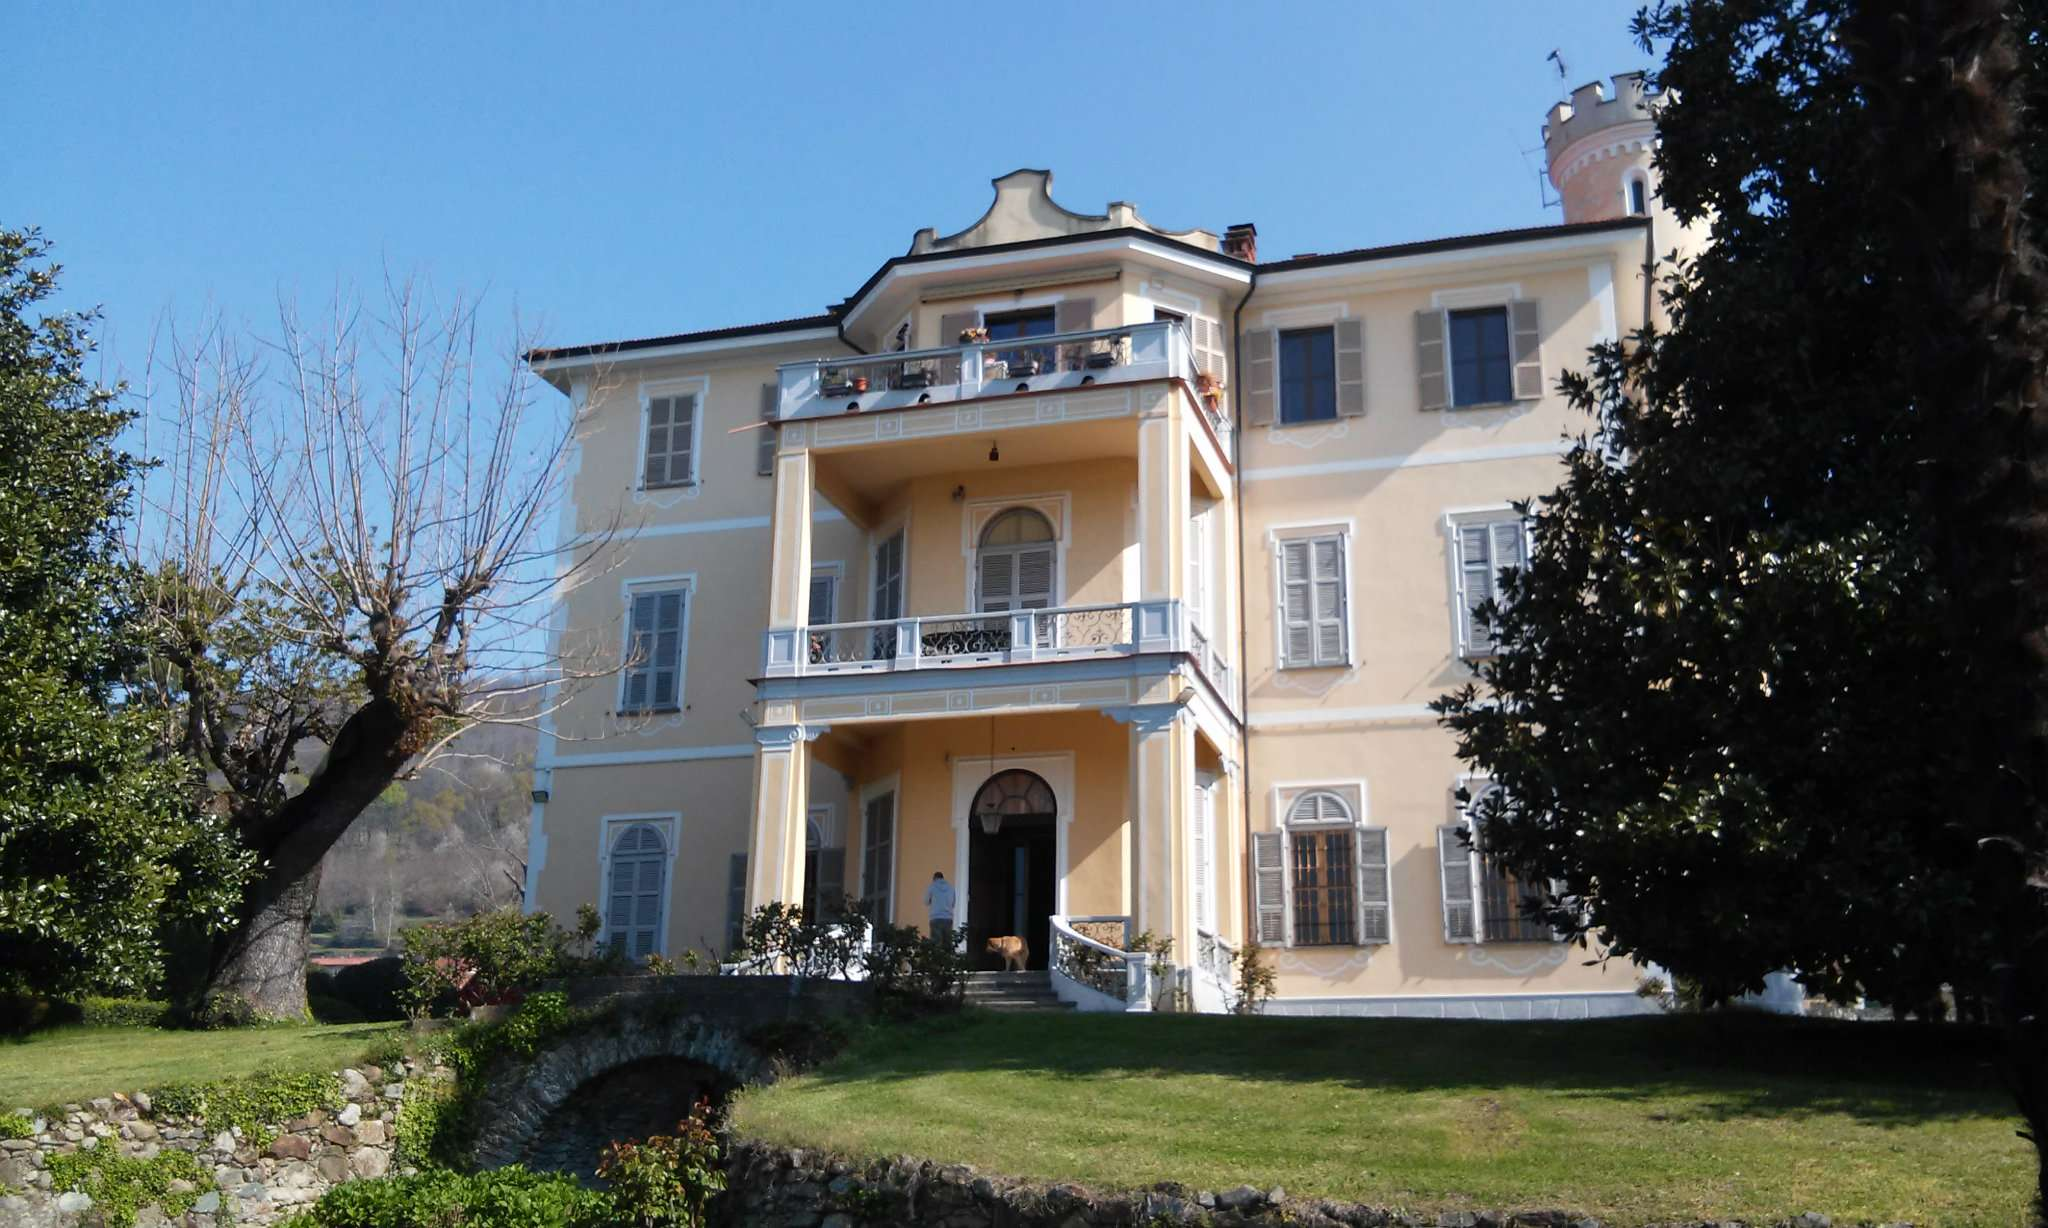 Appartamento in vendita a Piverone, 9999 locali, prezzo € 275.000 | CambioCasa.it